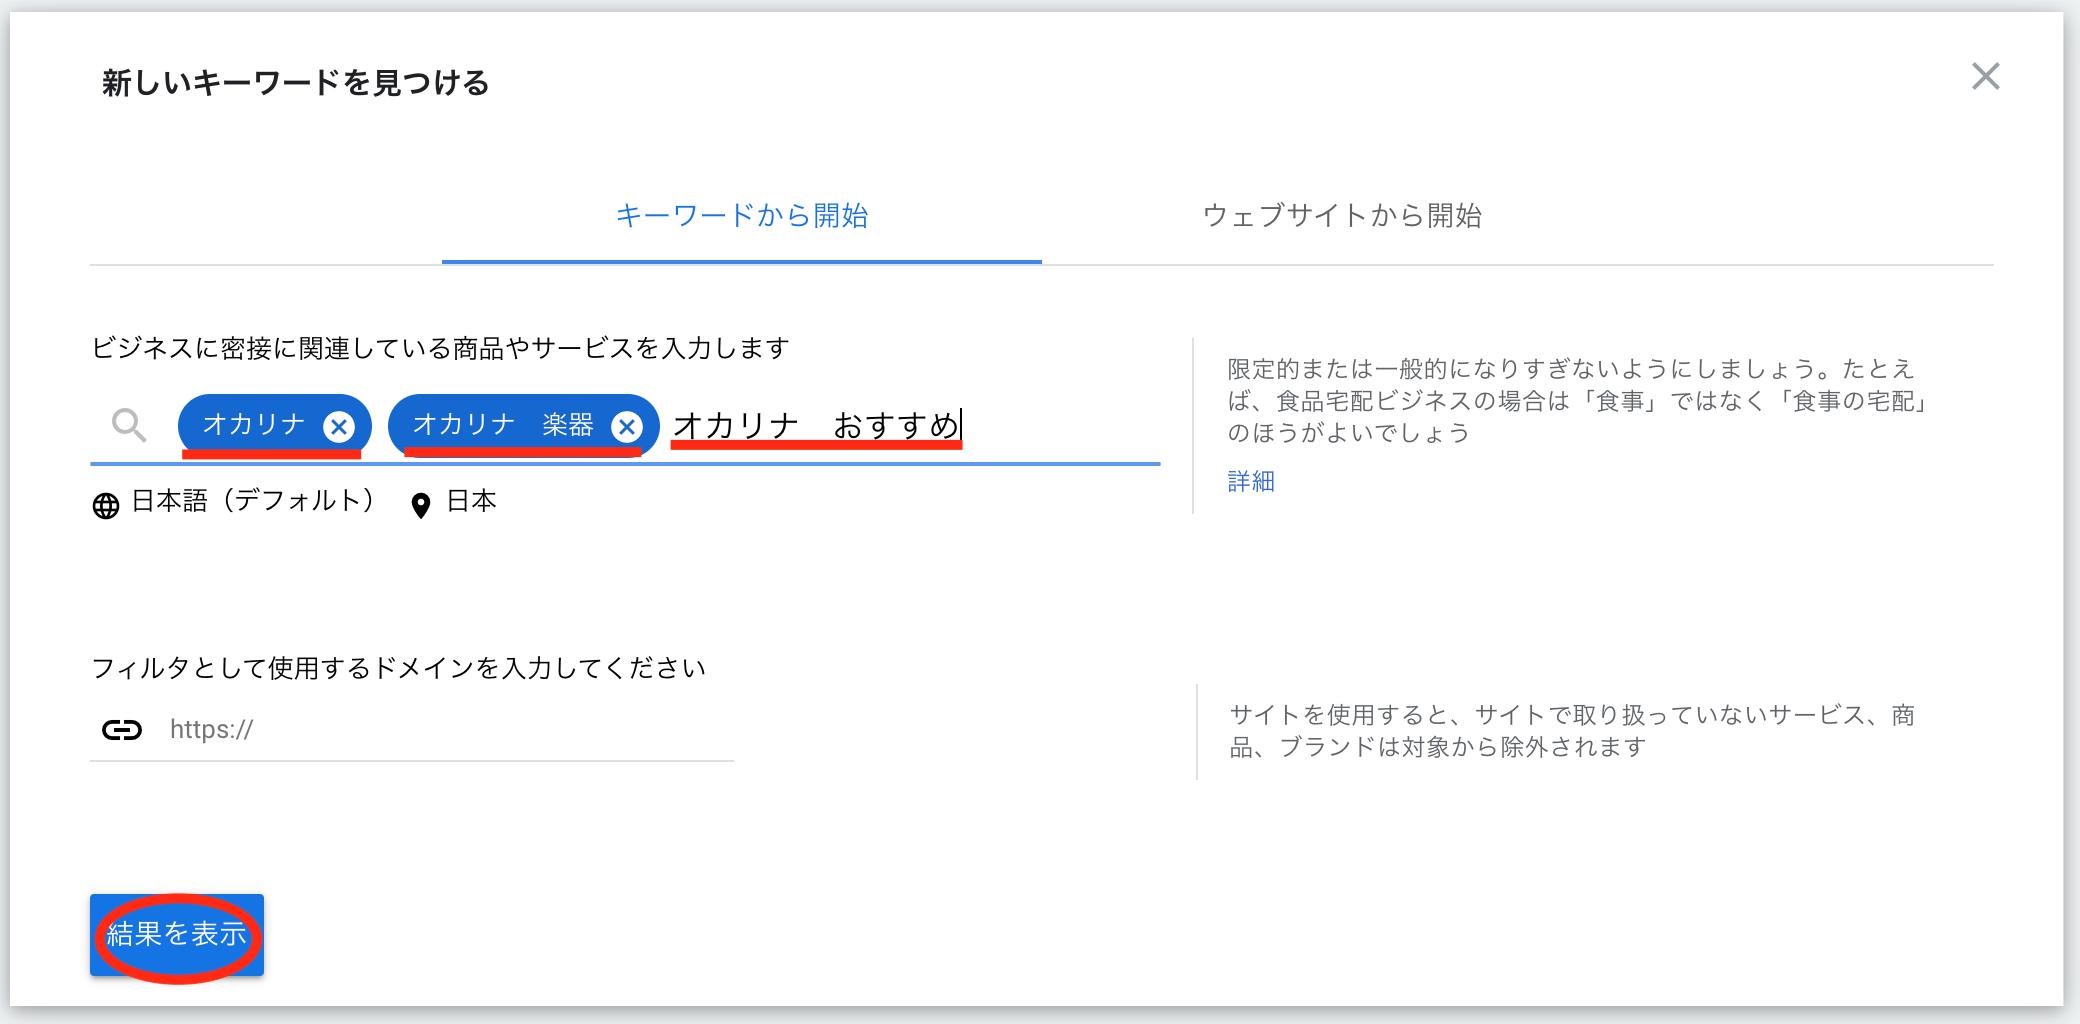 キーワードプランナー検索ワード入力画面